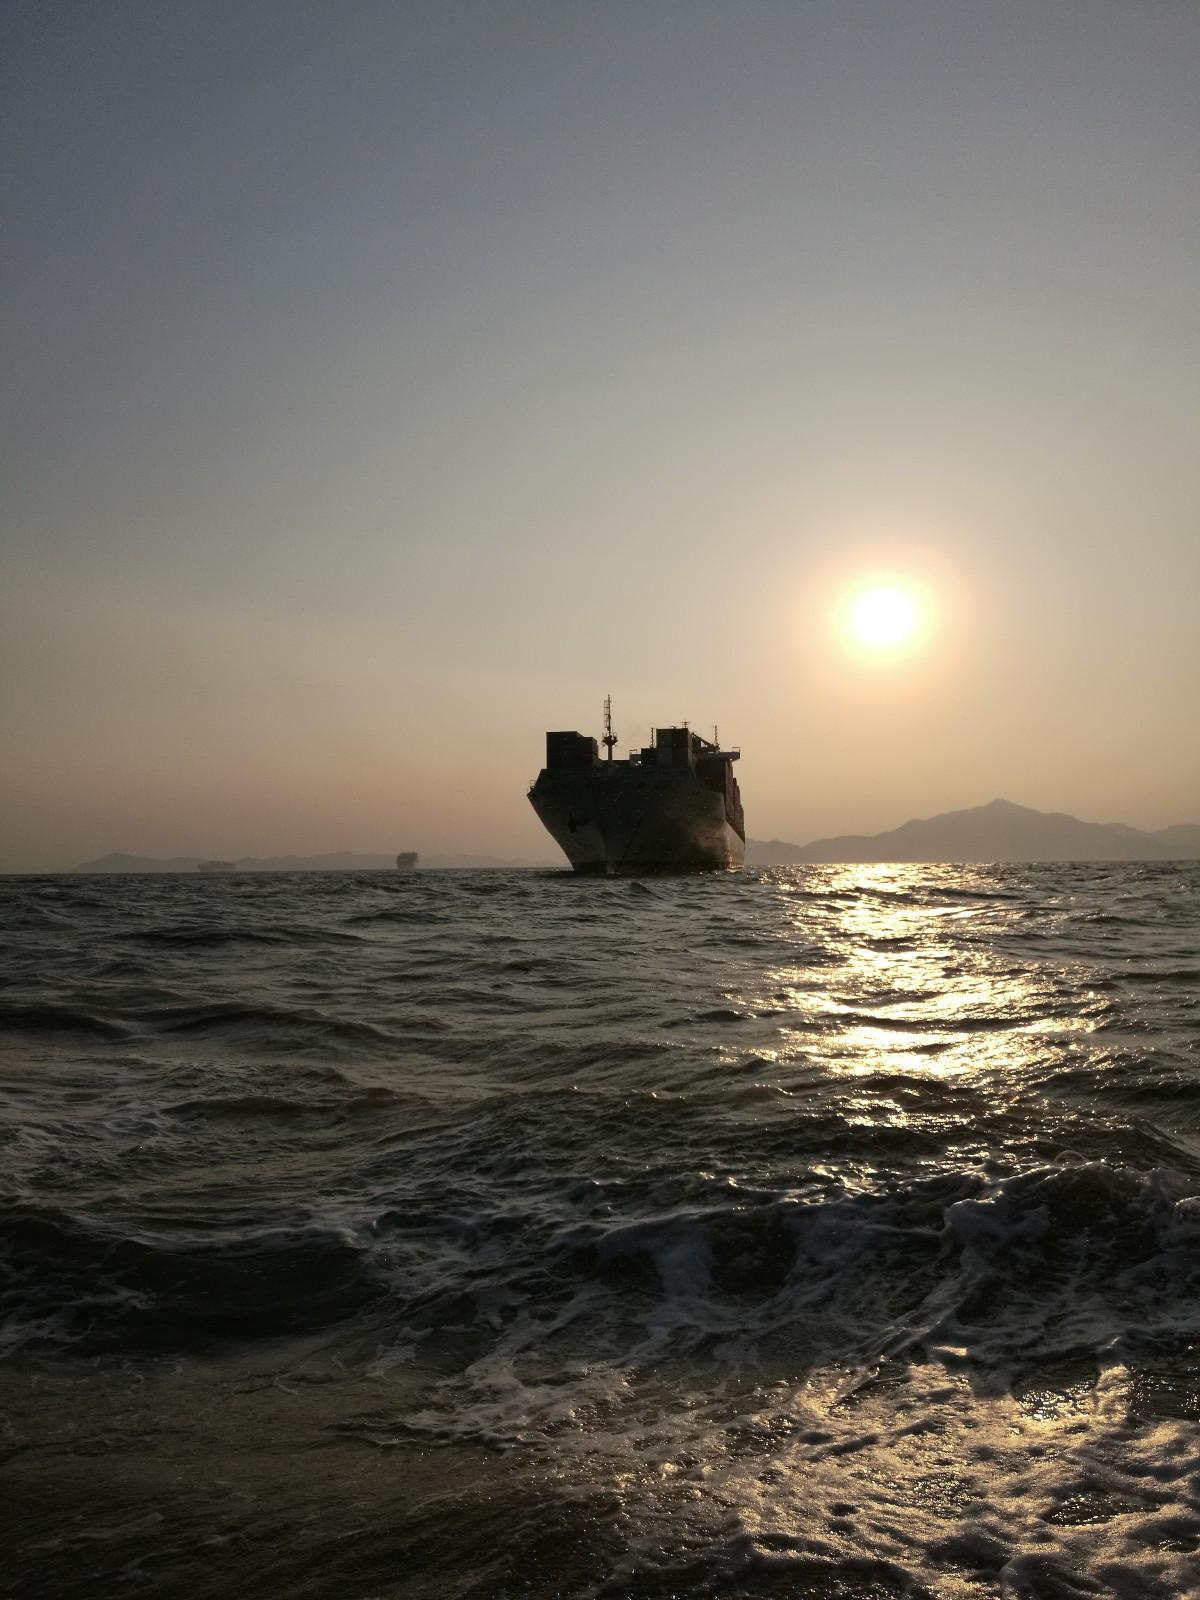 nbsp,岛屿,只能,一样,海域 真正的历练才刚刚开始,航海就是挑战自己——唐山号返航记(中篇)  163628zt44jju9